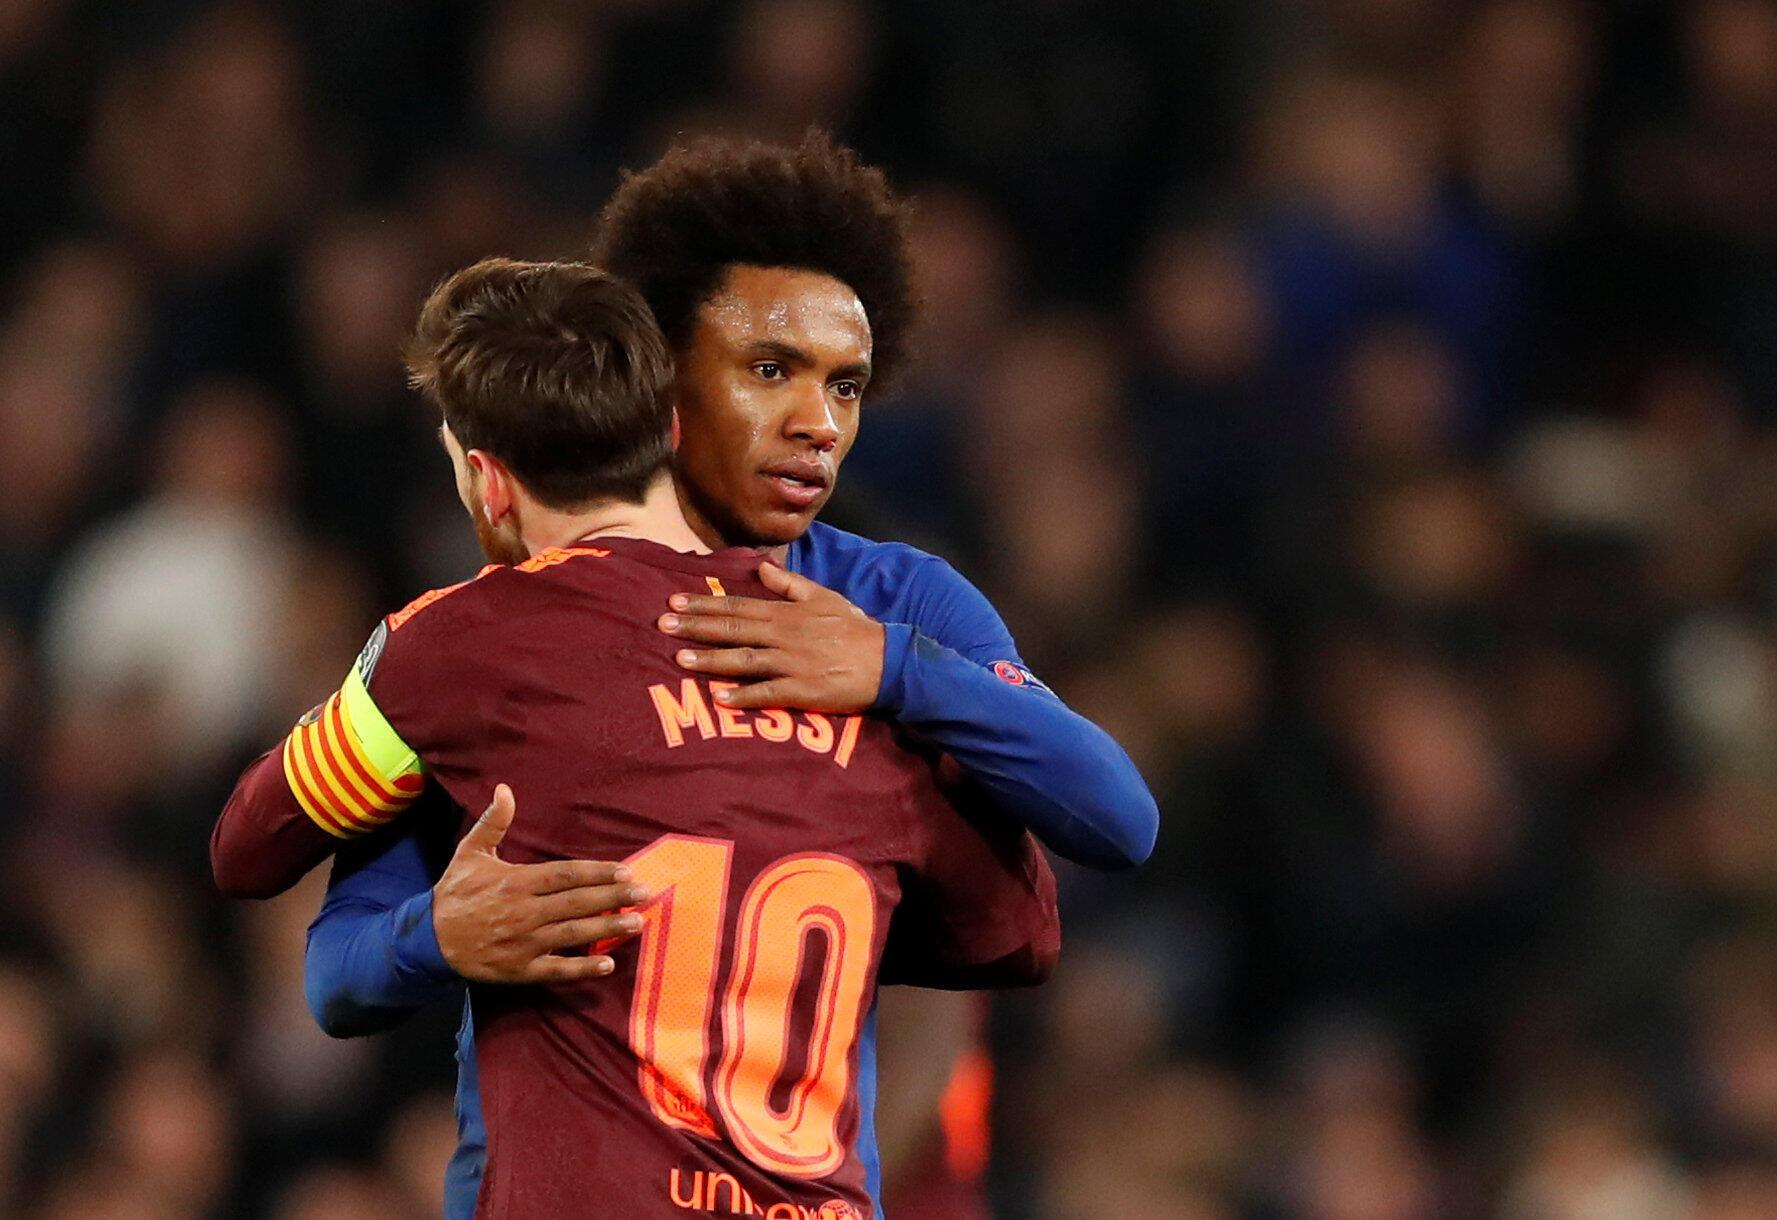 Dan wasan gaba na Chelsea Willian, yayin gaisawa da Lionel Messi na Barcelona, bayan fafatawa a wasan gasar cin kofin zakarun nahiyar turai, wanda aka tashi 1-1. 20 ga watan Fabarairu, 2018.